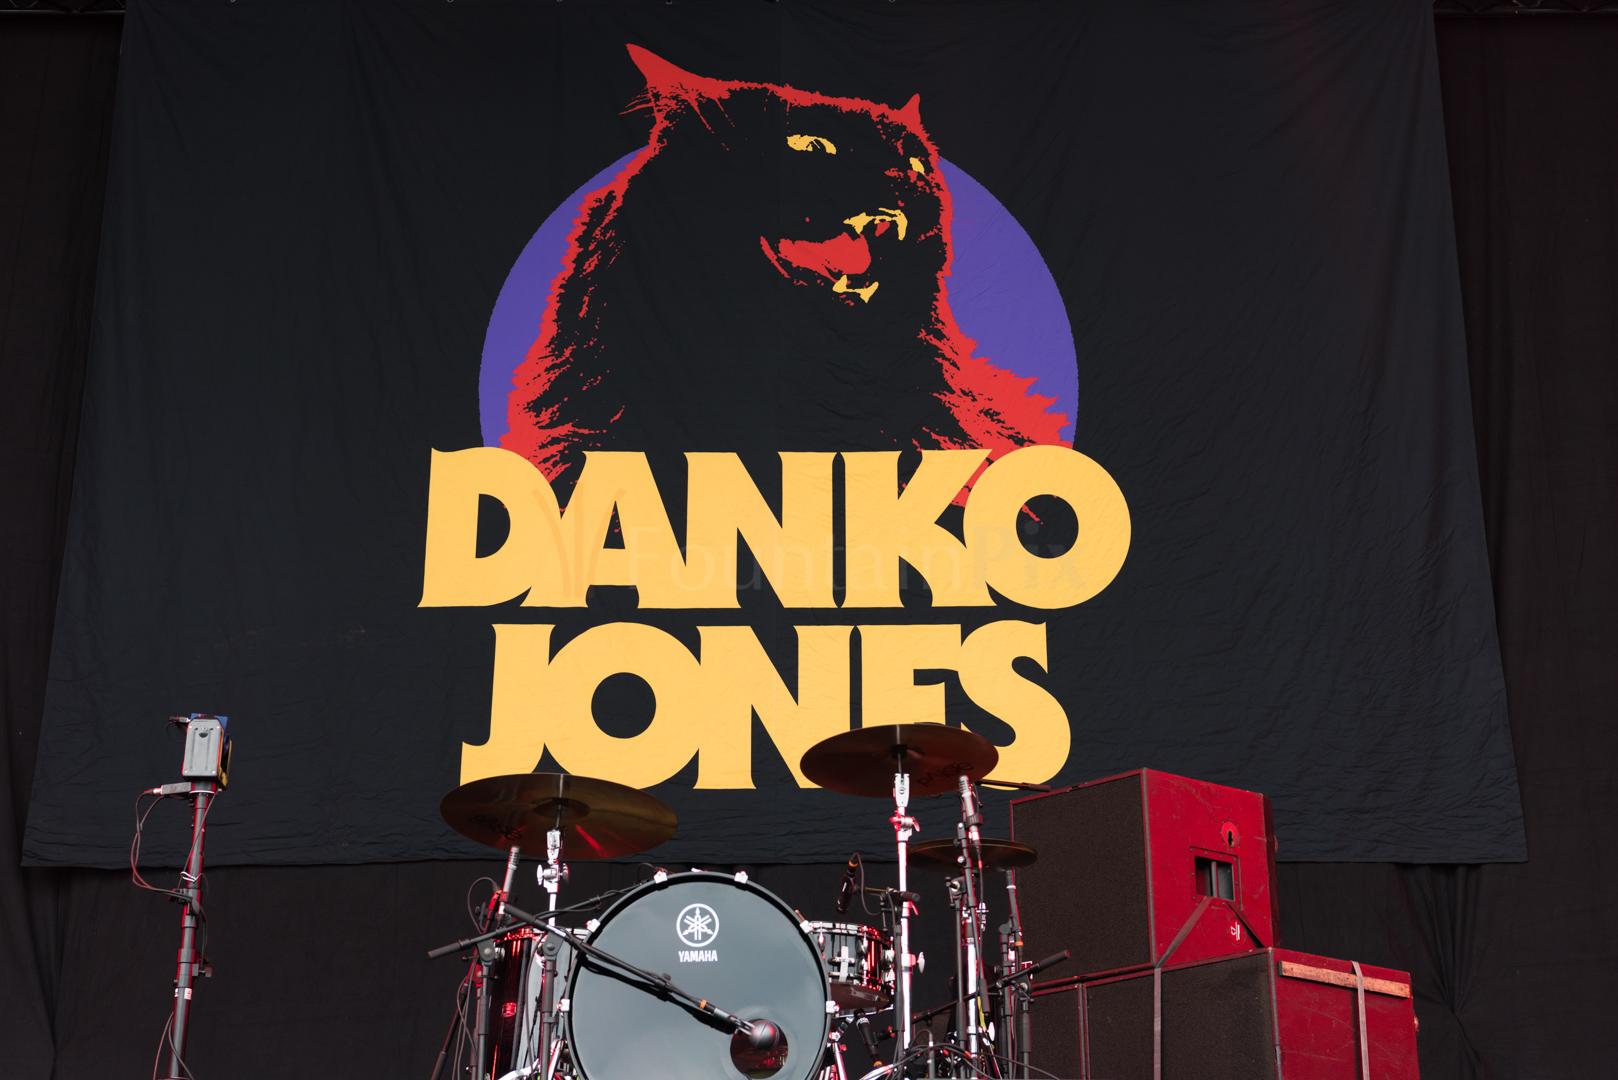 6 Danko Jones